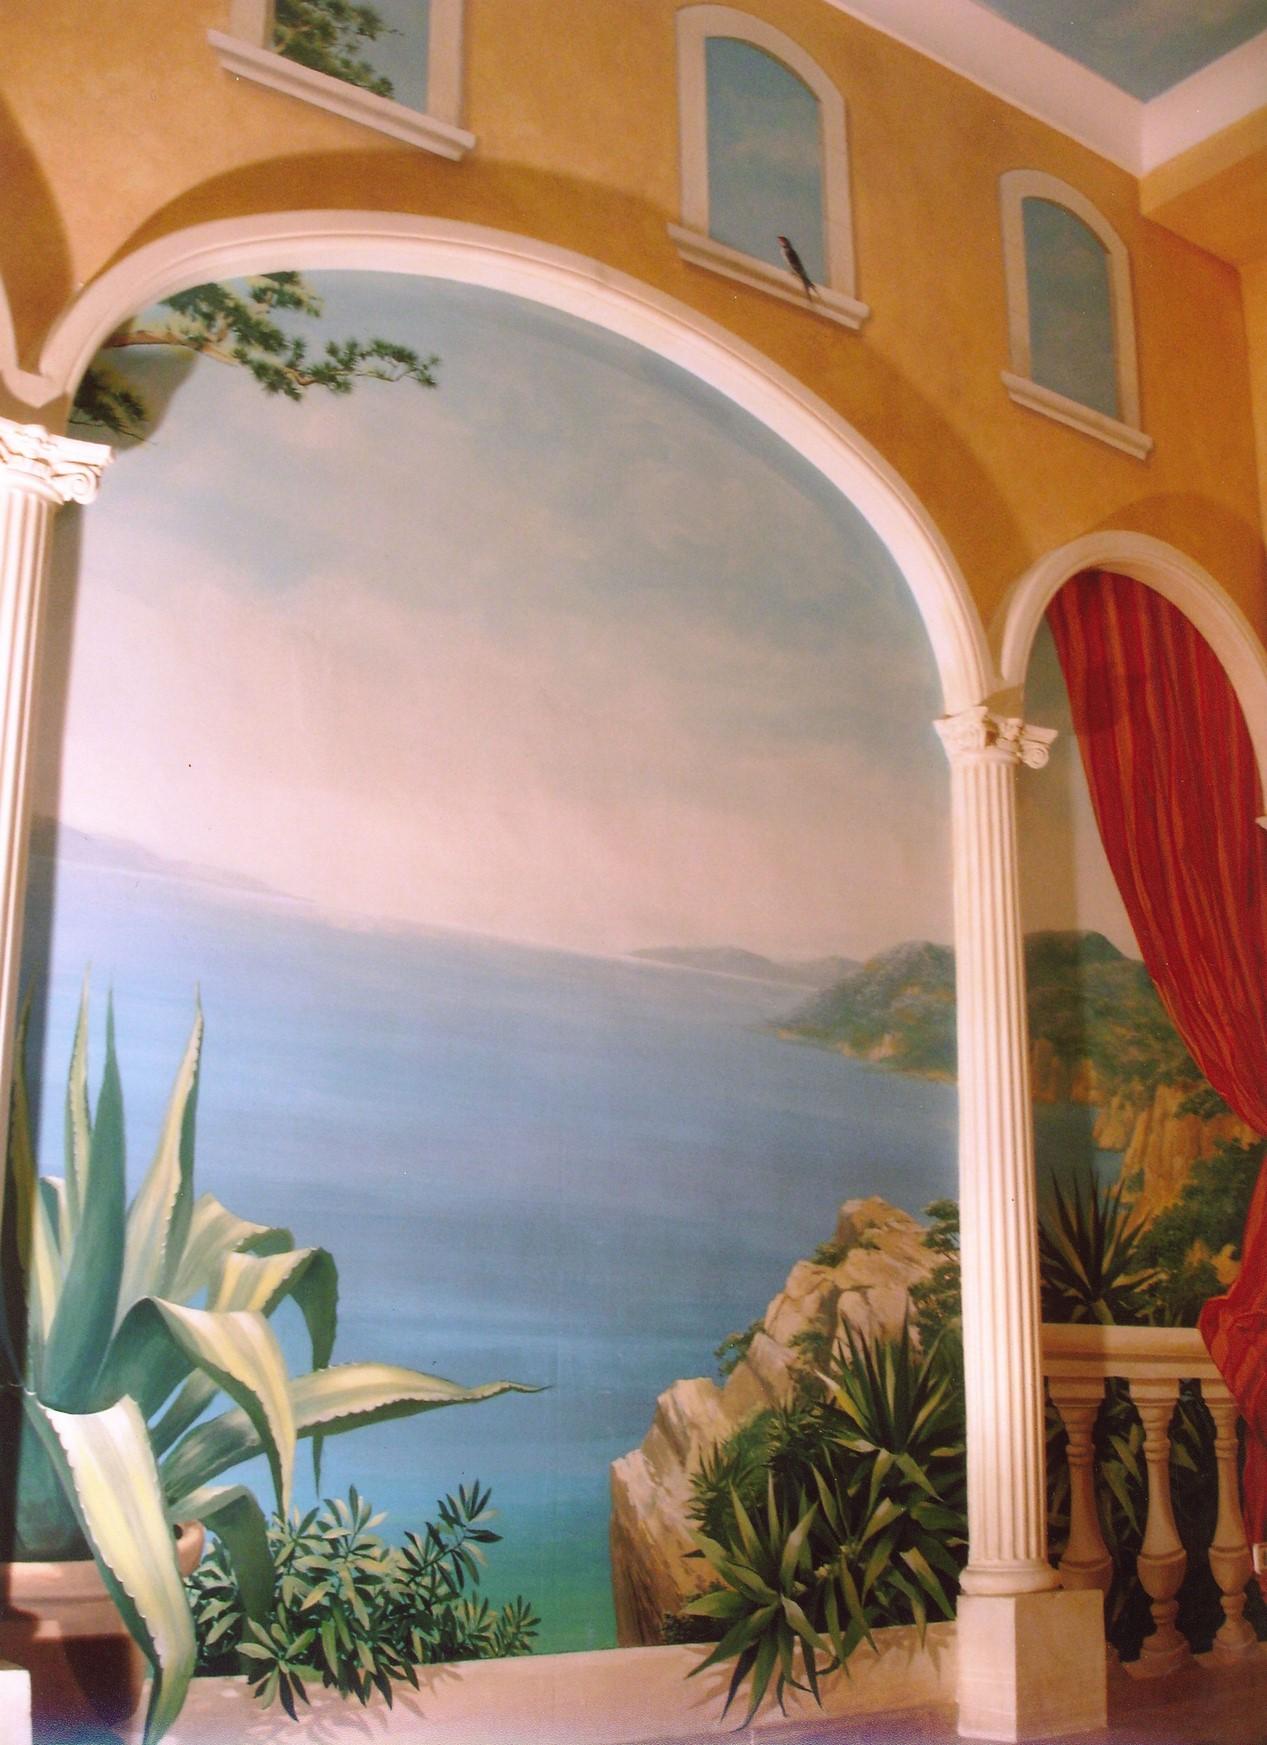 Ein Ausblick über eine Bucht verschafft die perfekte Illusion einer mediterranen Szenerie. Wandgestaltung und  Illusionmalerei aus Berlin vom Atelier-Witzmann.